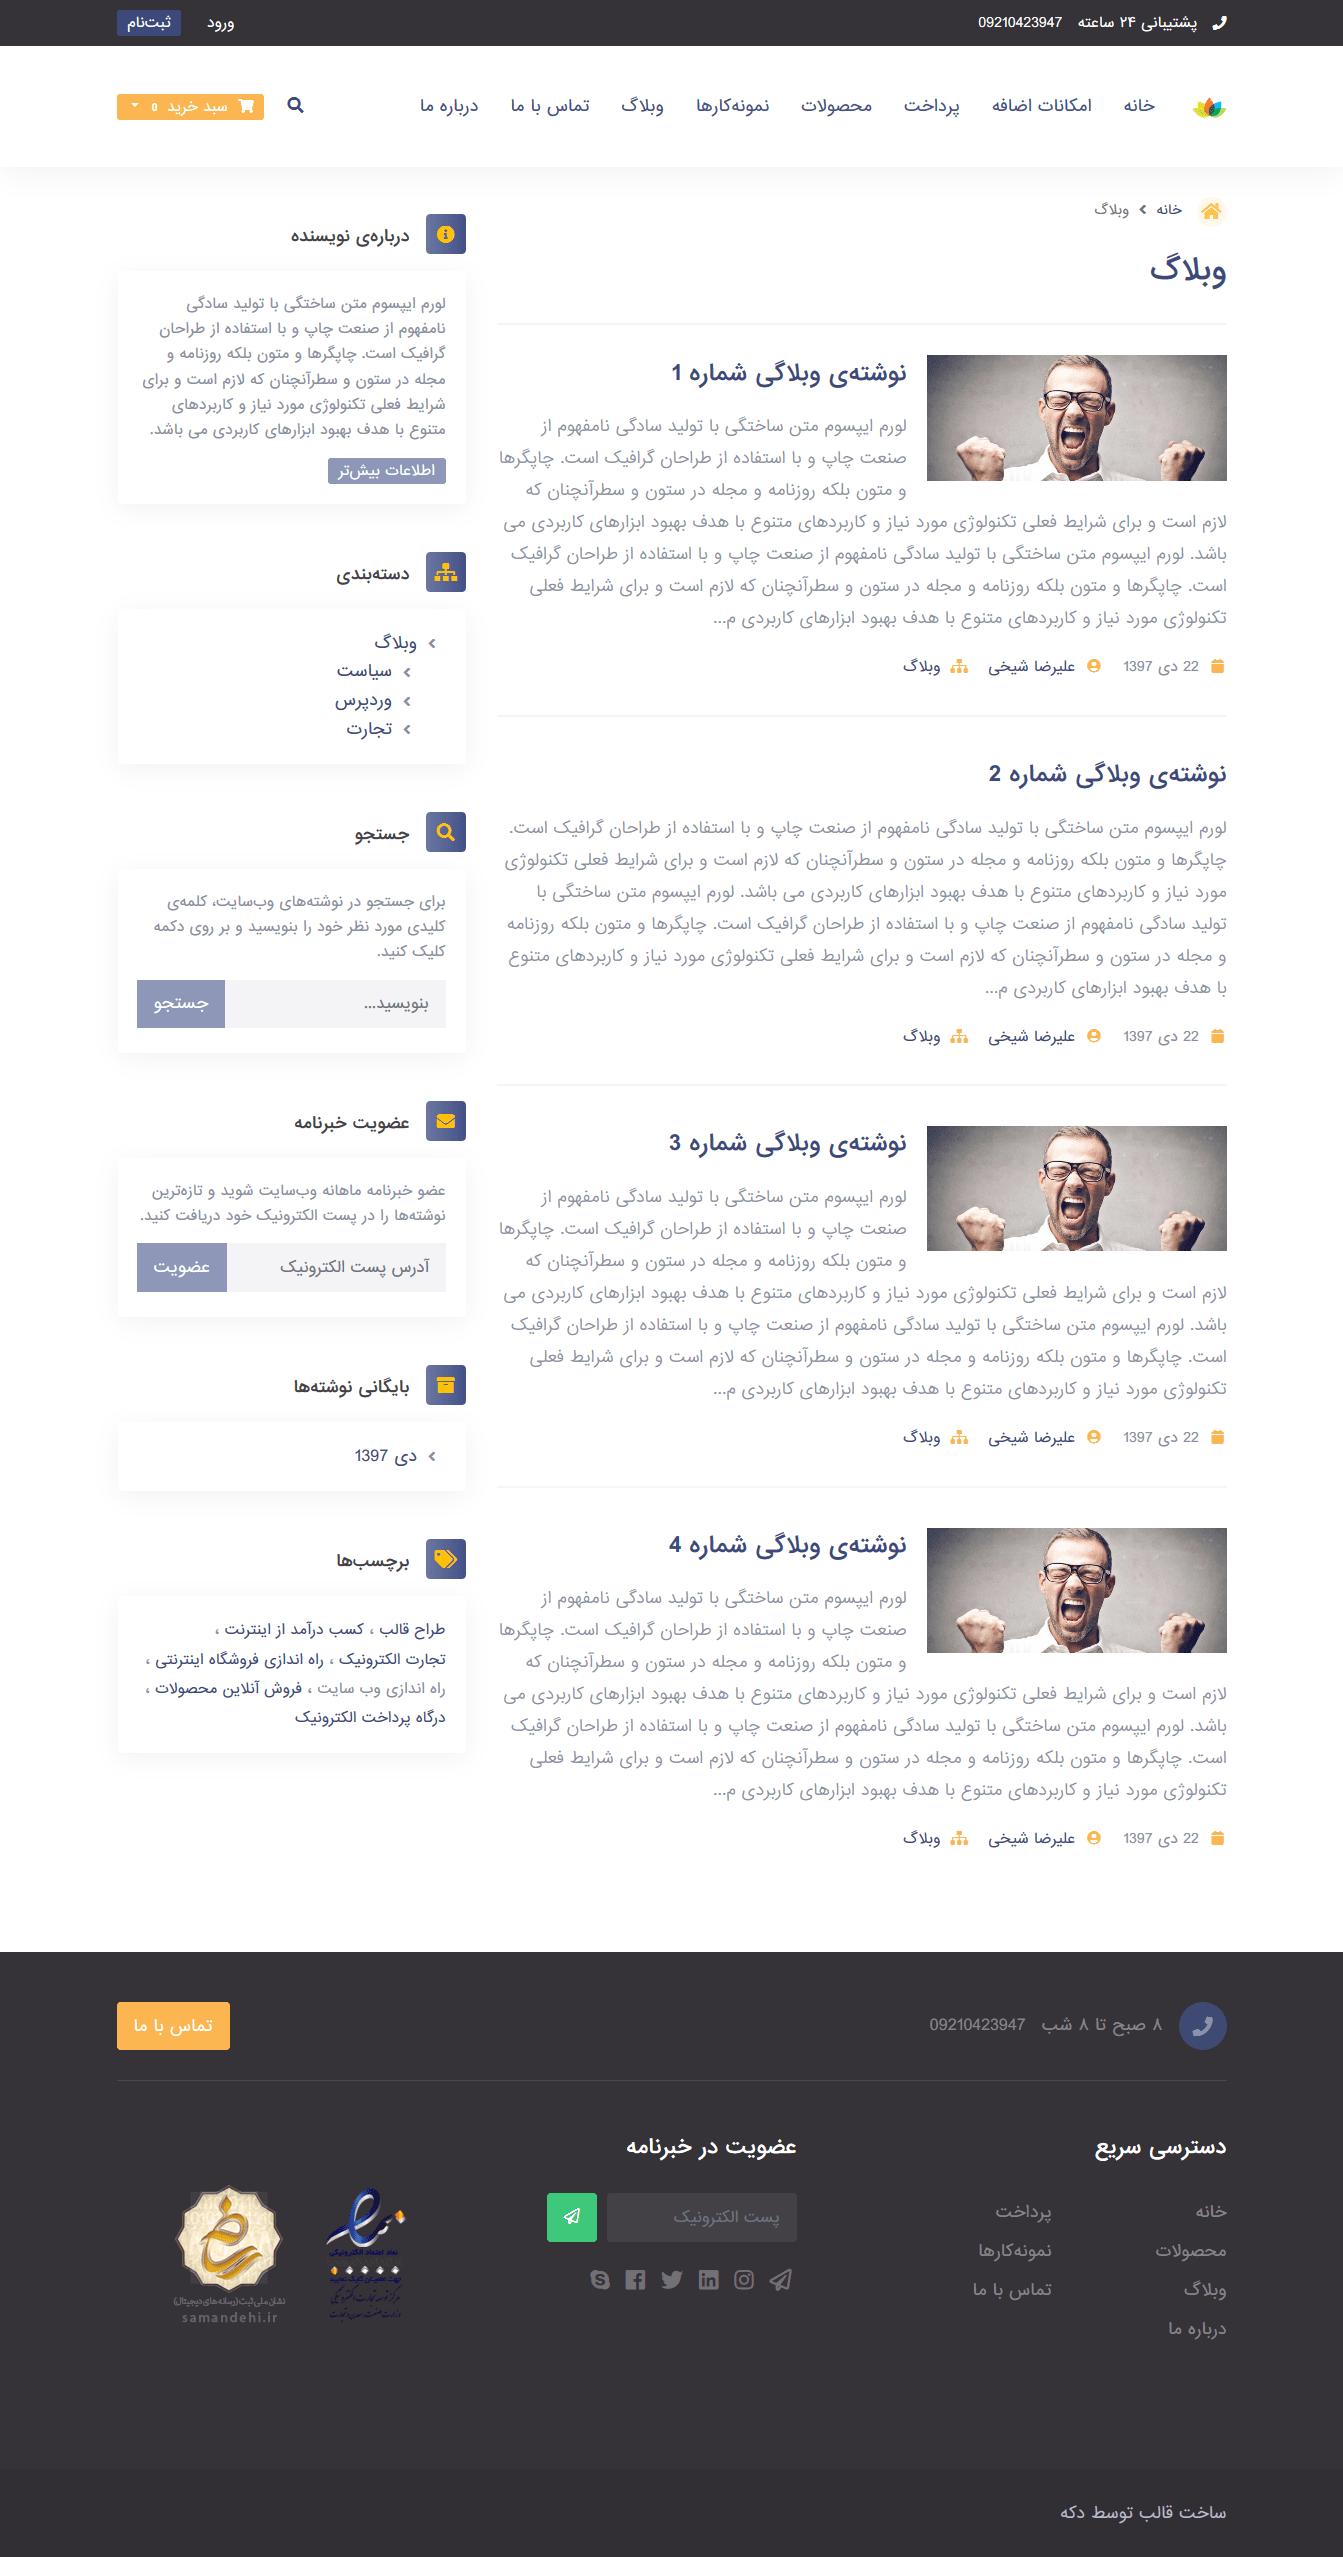 65861 2a99c7367d48a17c50c11a275 - قالب شرکتی HTML زاویه | قالب Zavieh